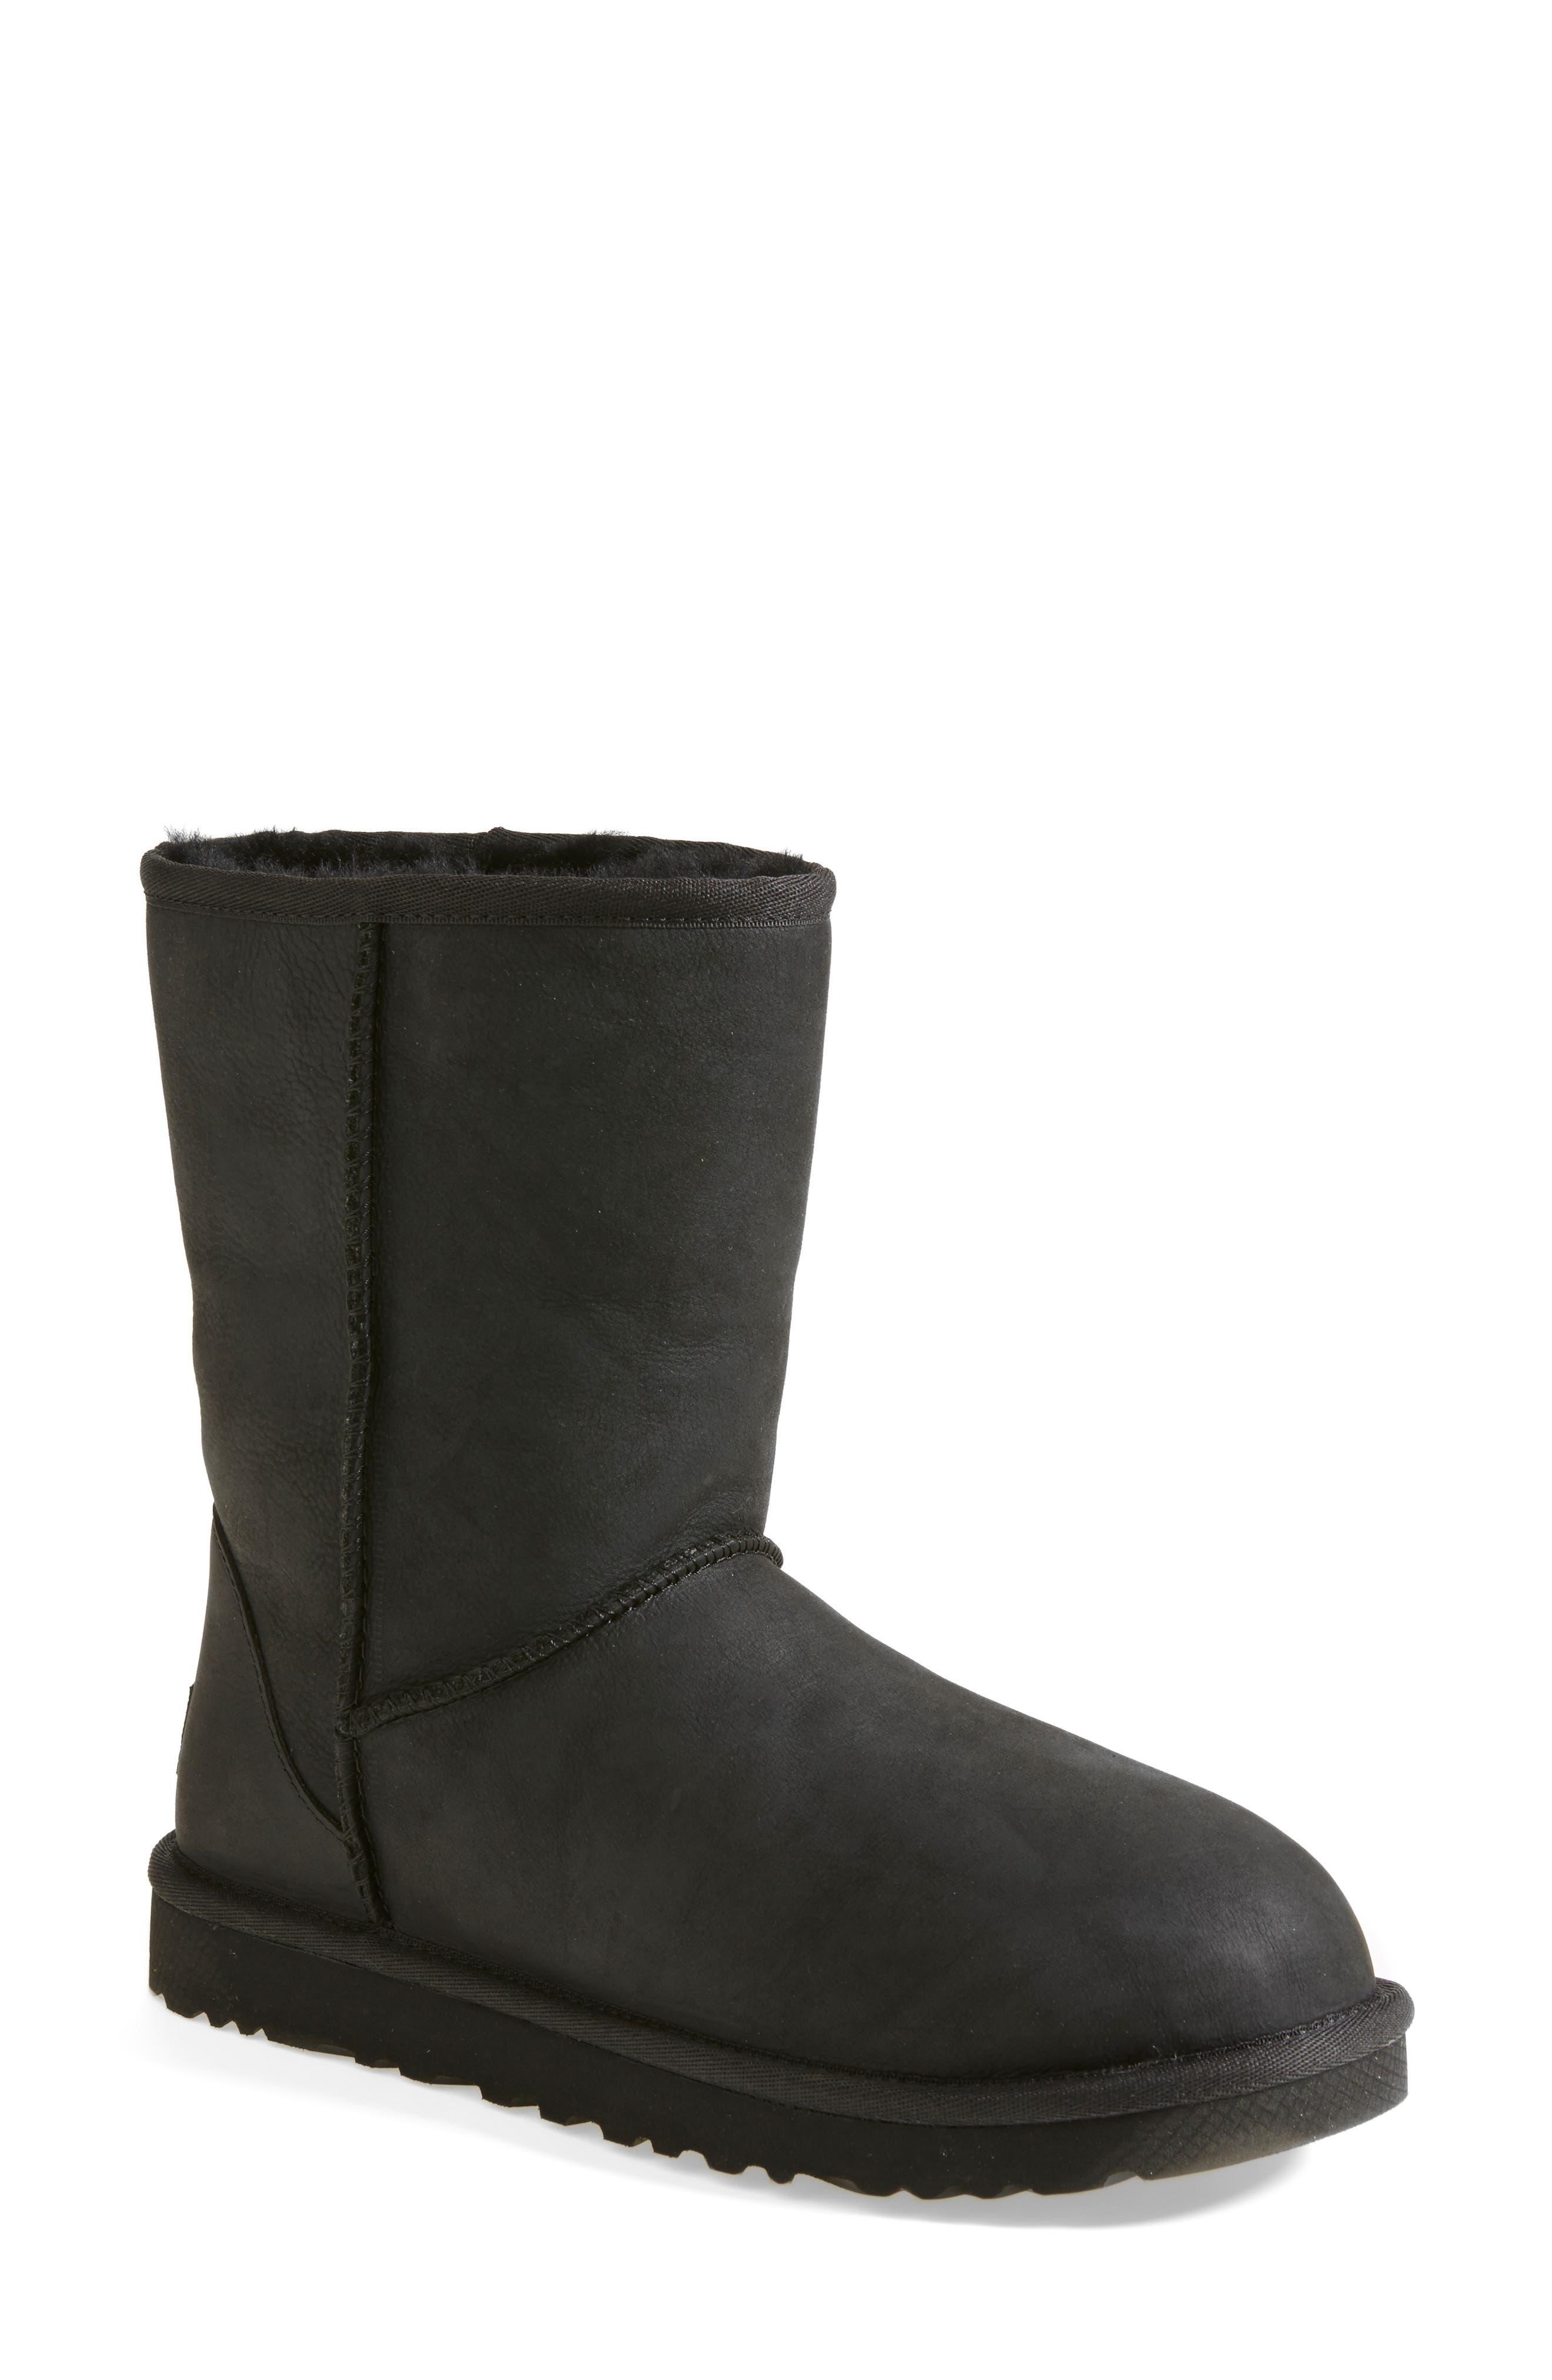 Women's Boots | Nordstrom Rack